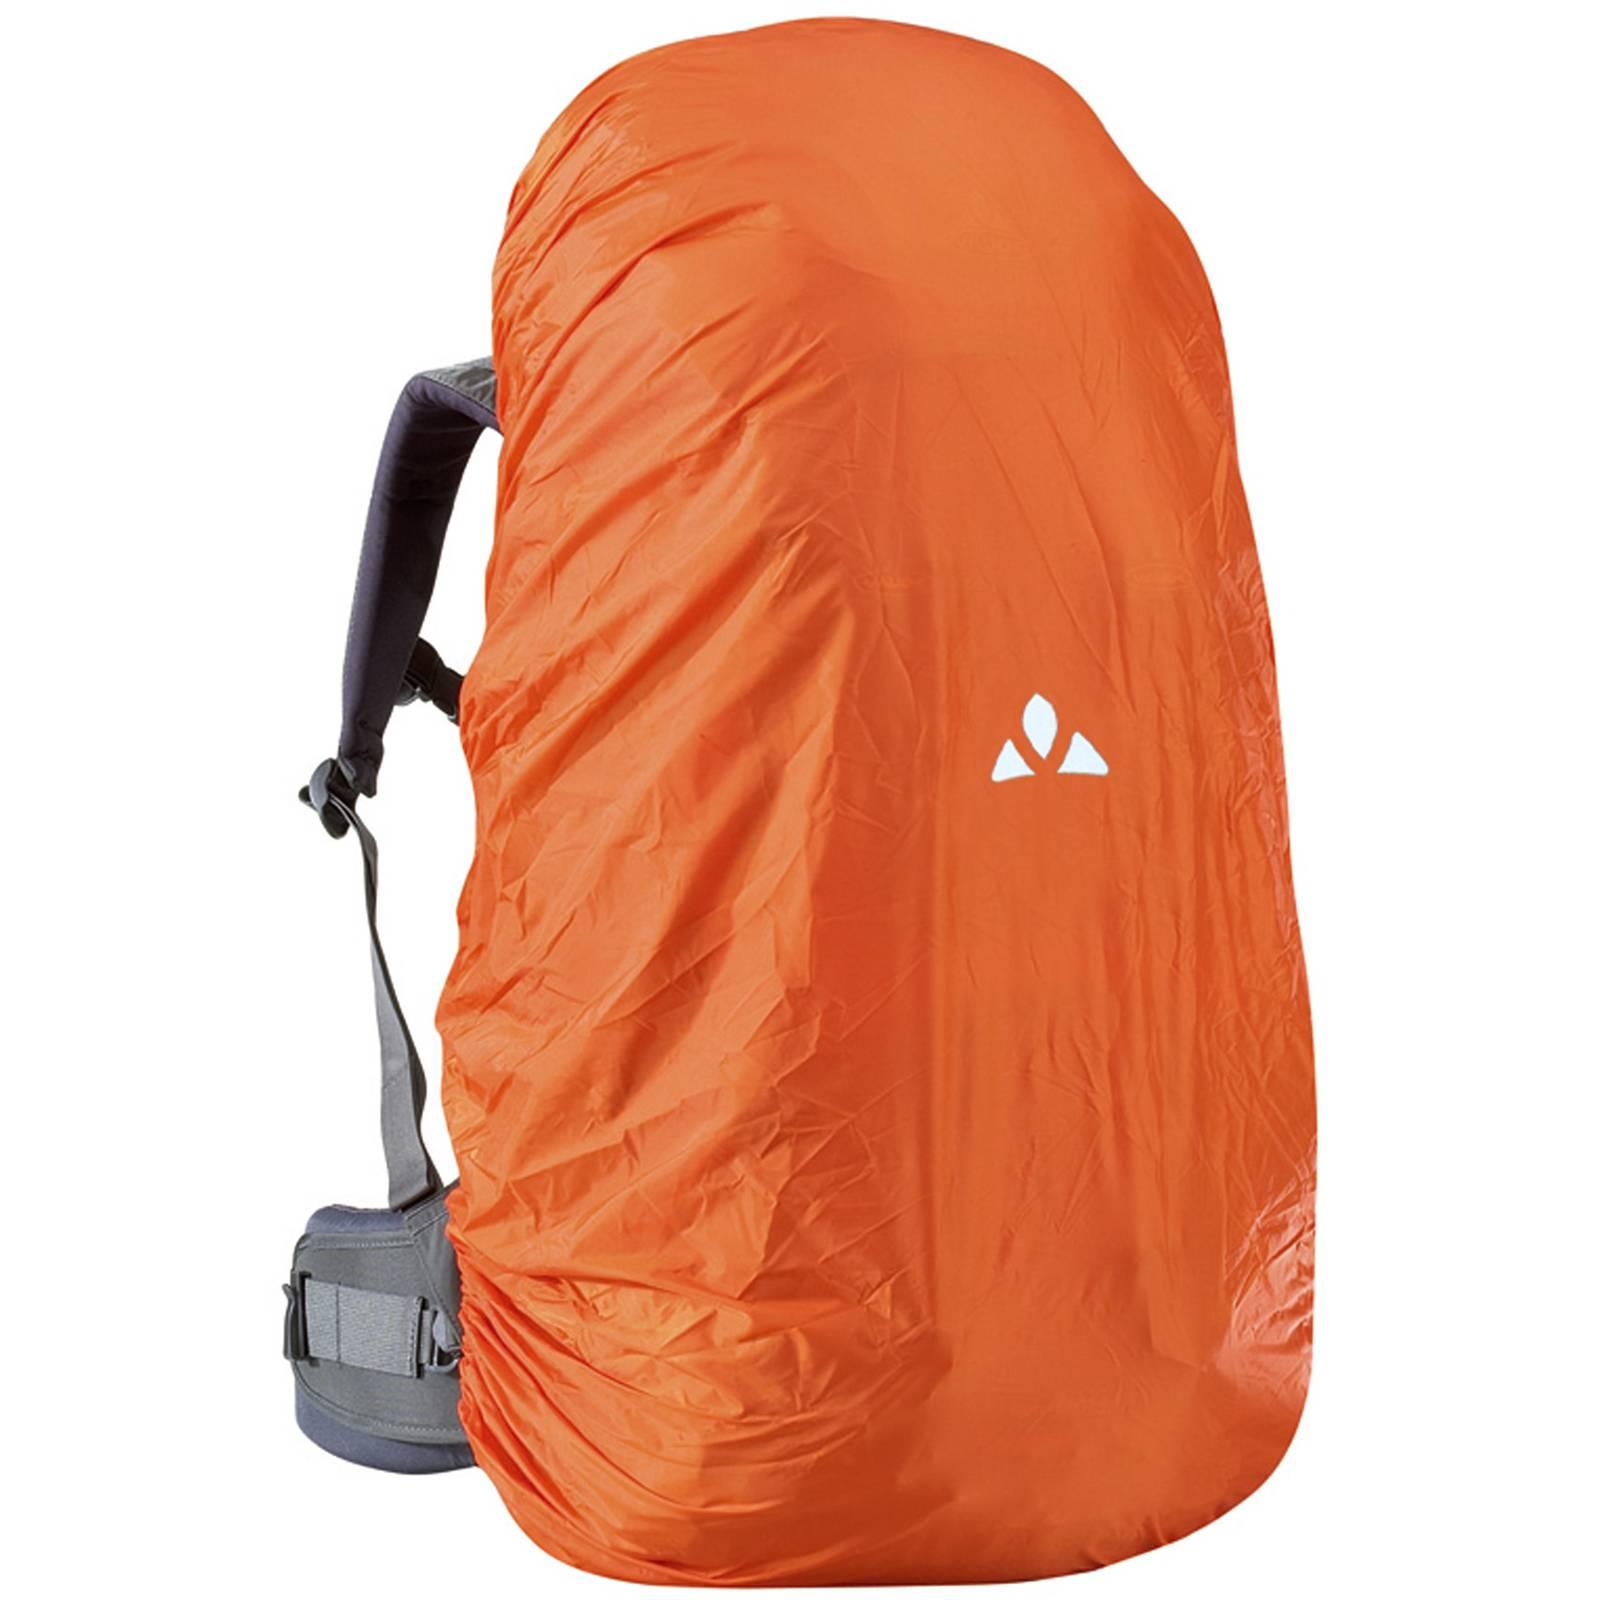 VAUDE Raincover for Backpacks 15-30 Liter